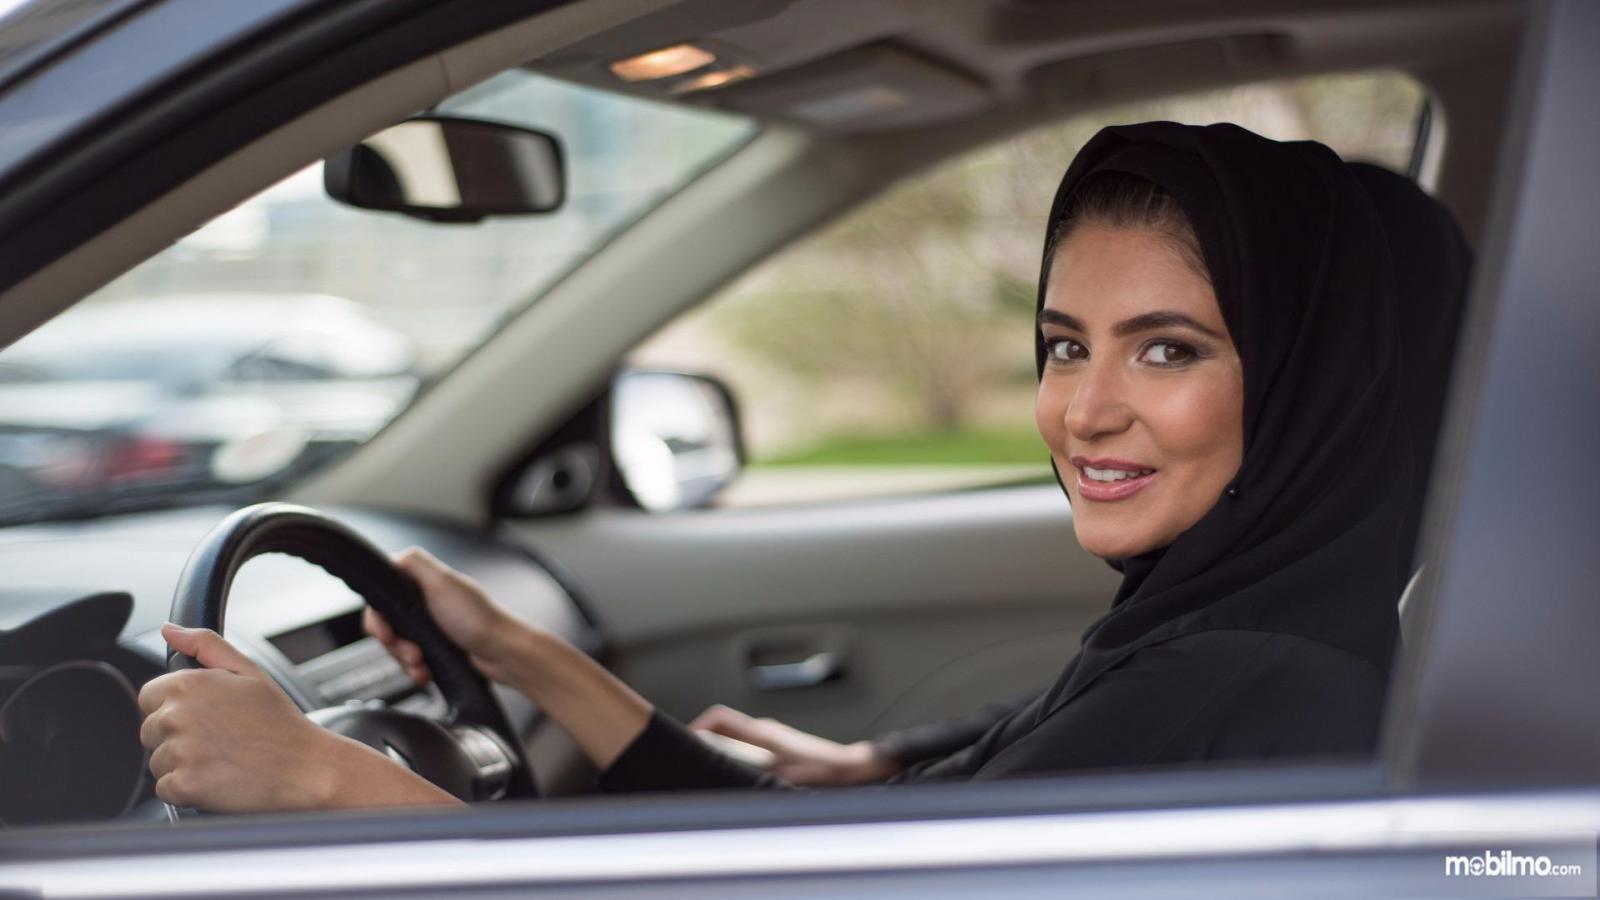 Foto pengemudi wanita arab, bahagia sejak diperbolehkan mengemudi oleh pihak kerajaan